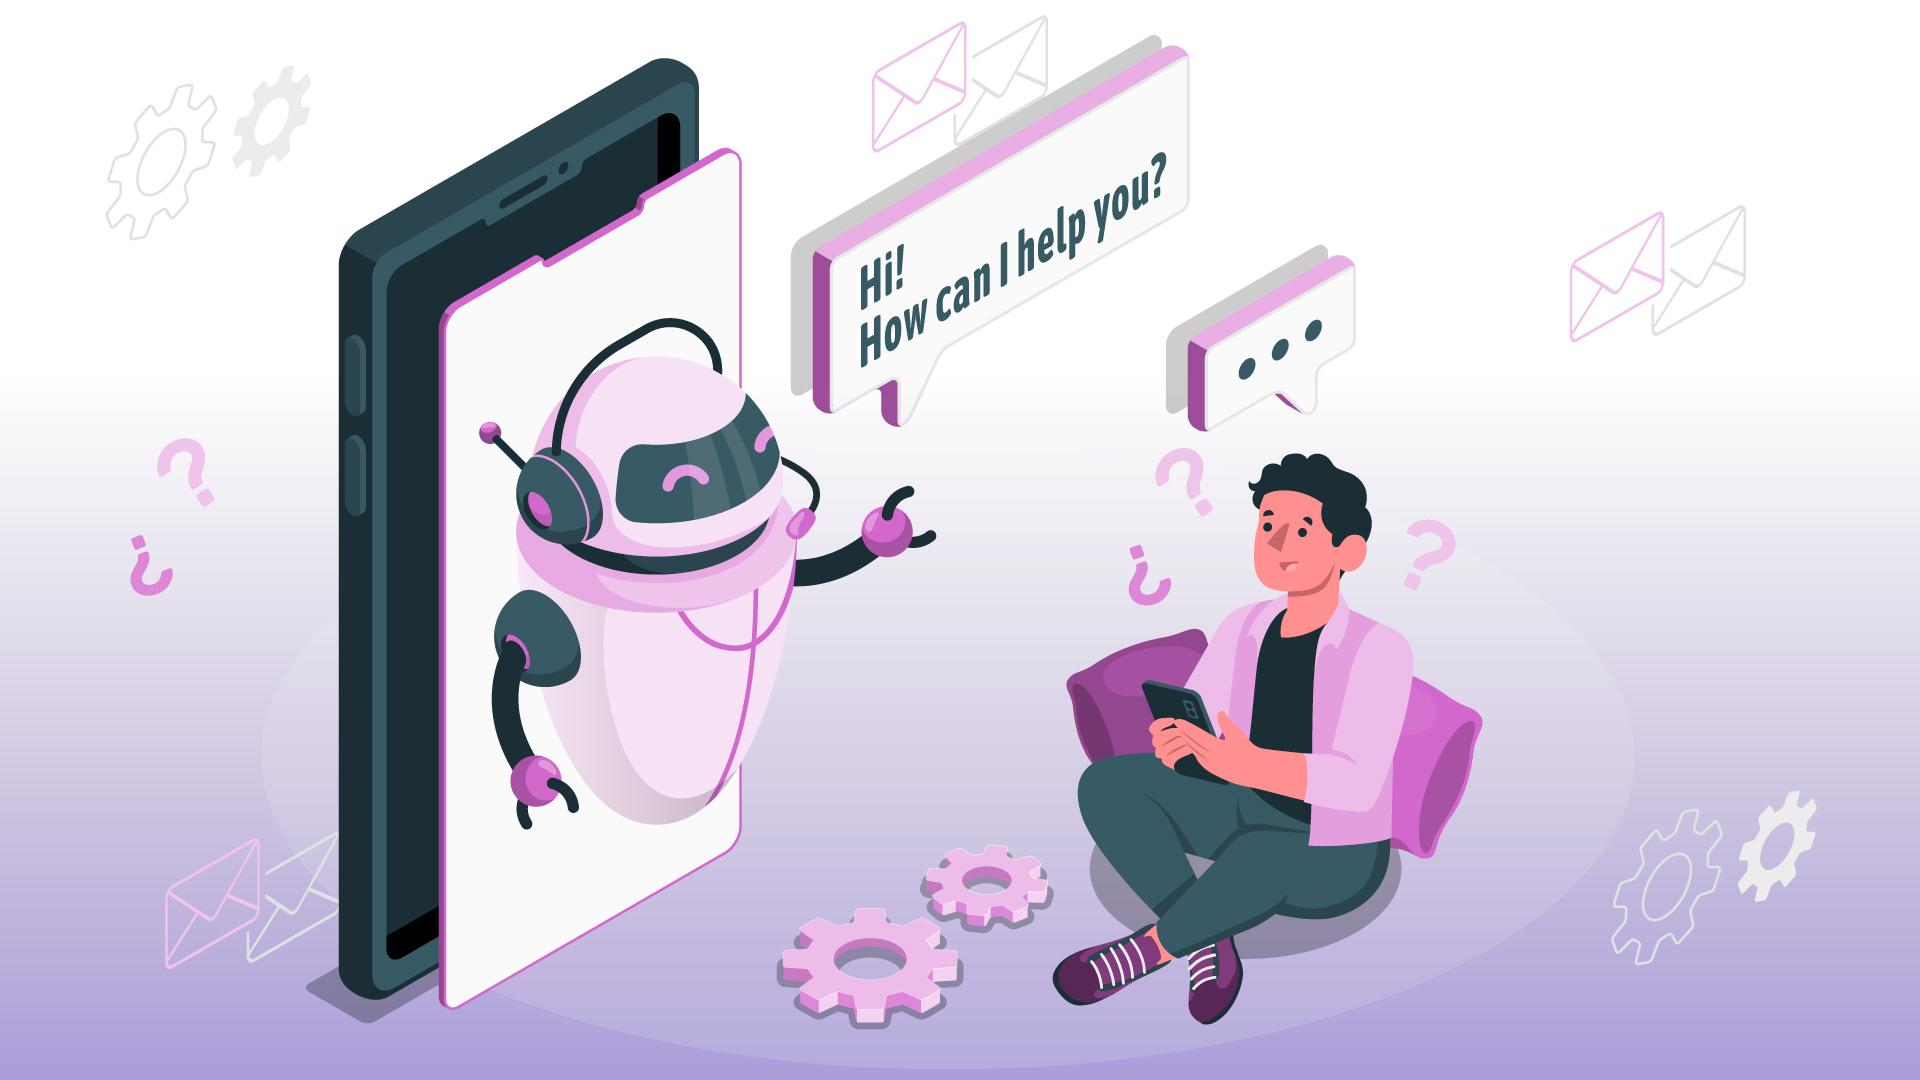 Cómo los bots pueden simplificar cientos de procesos en atención al cliente